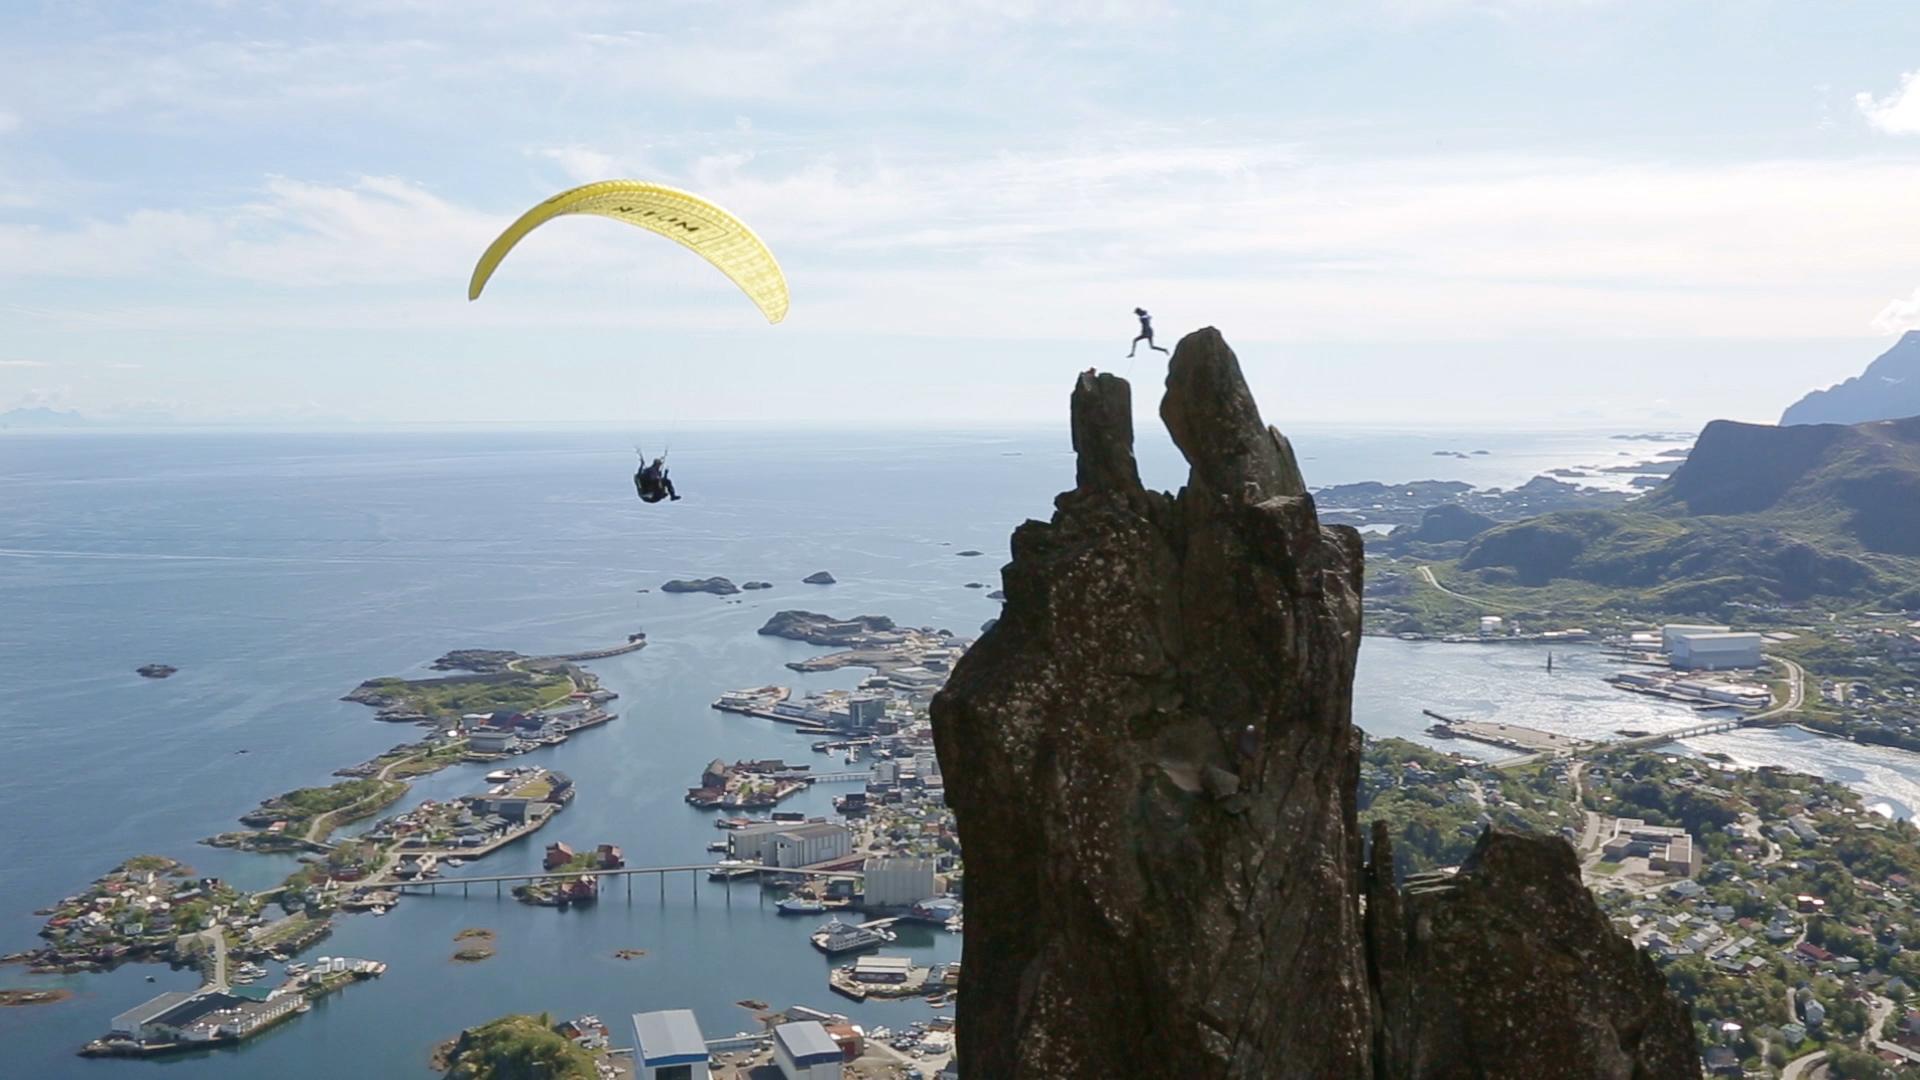 Bilderesultater for svolværgeita paraglider